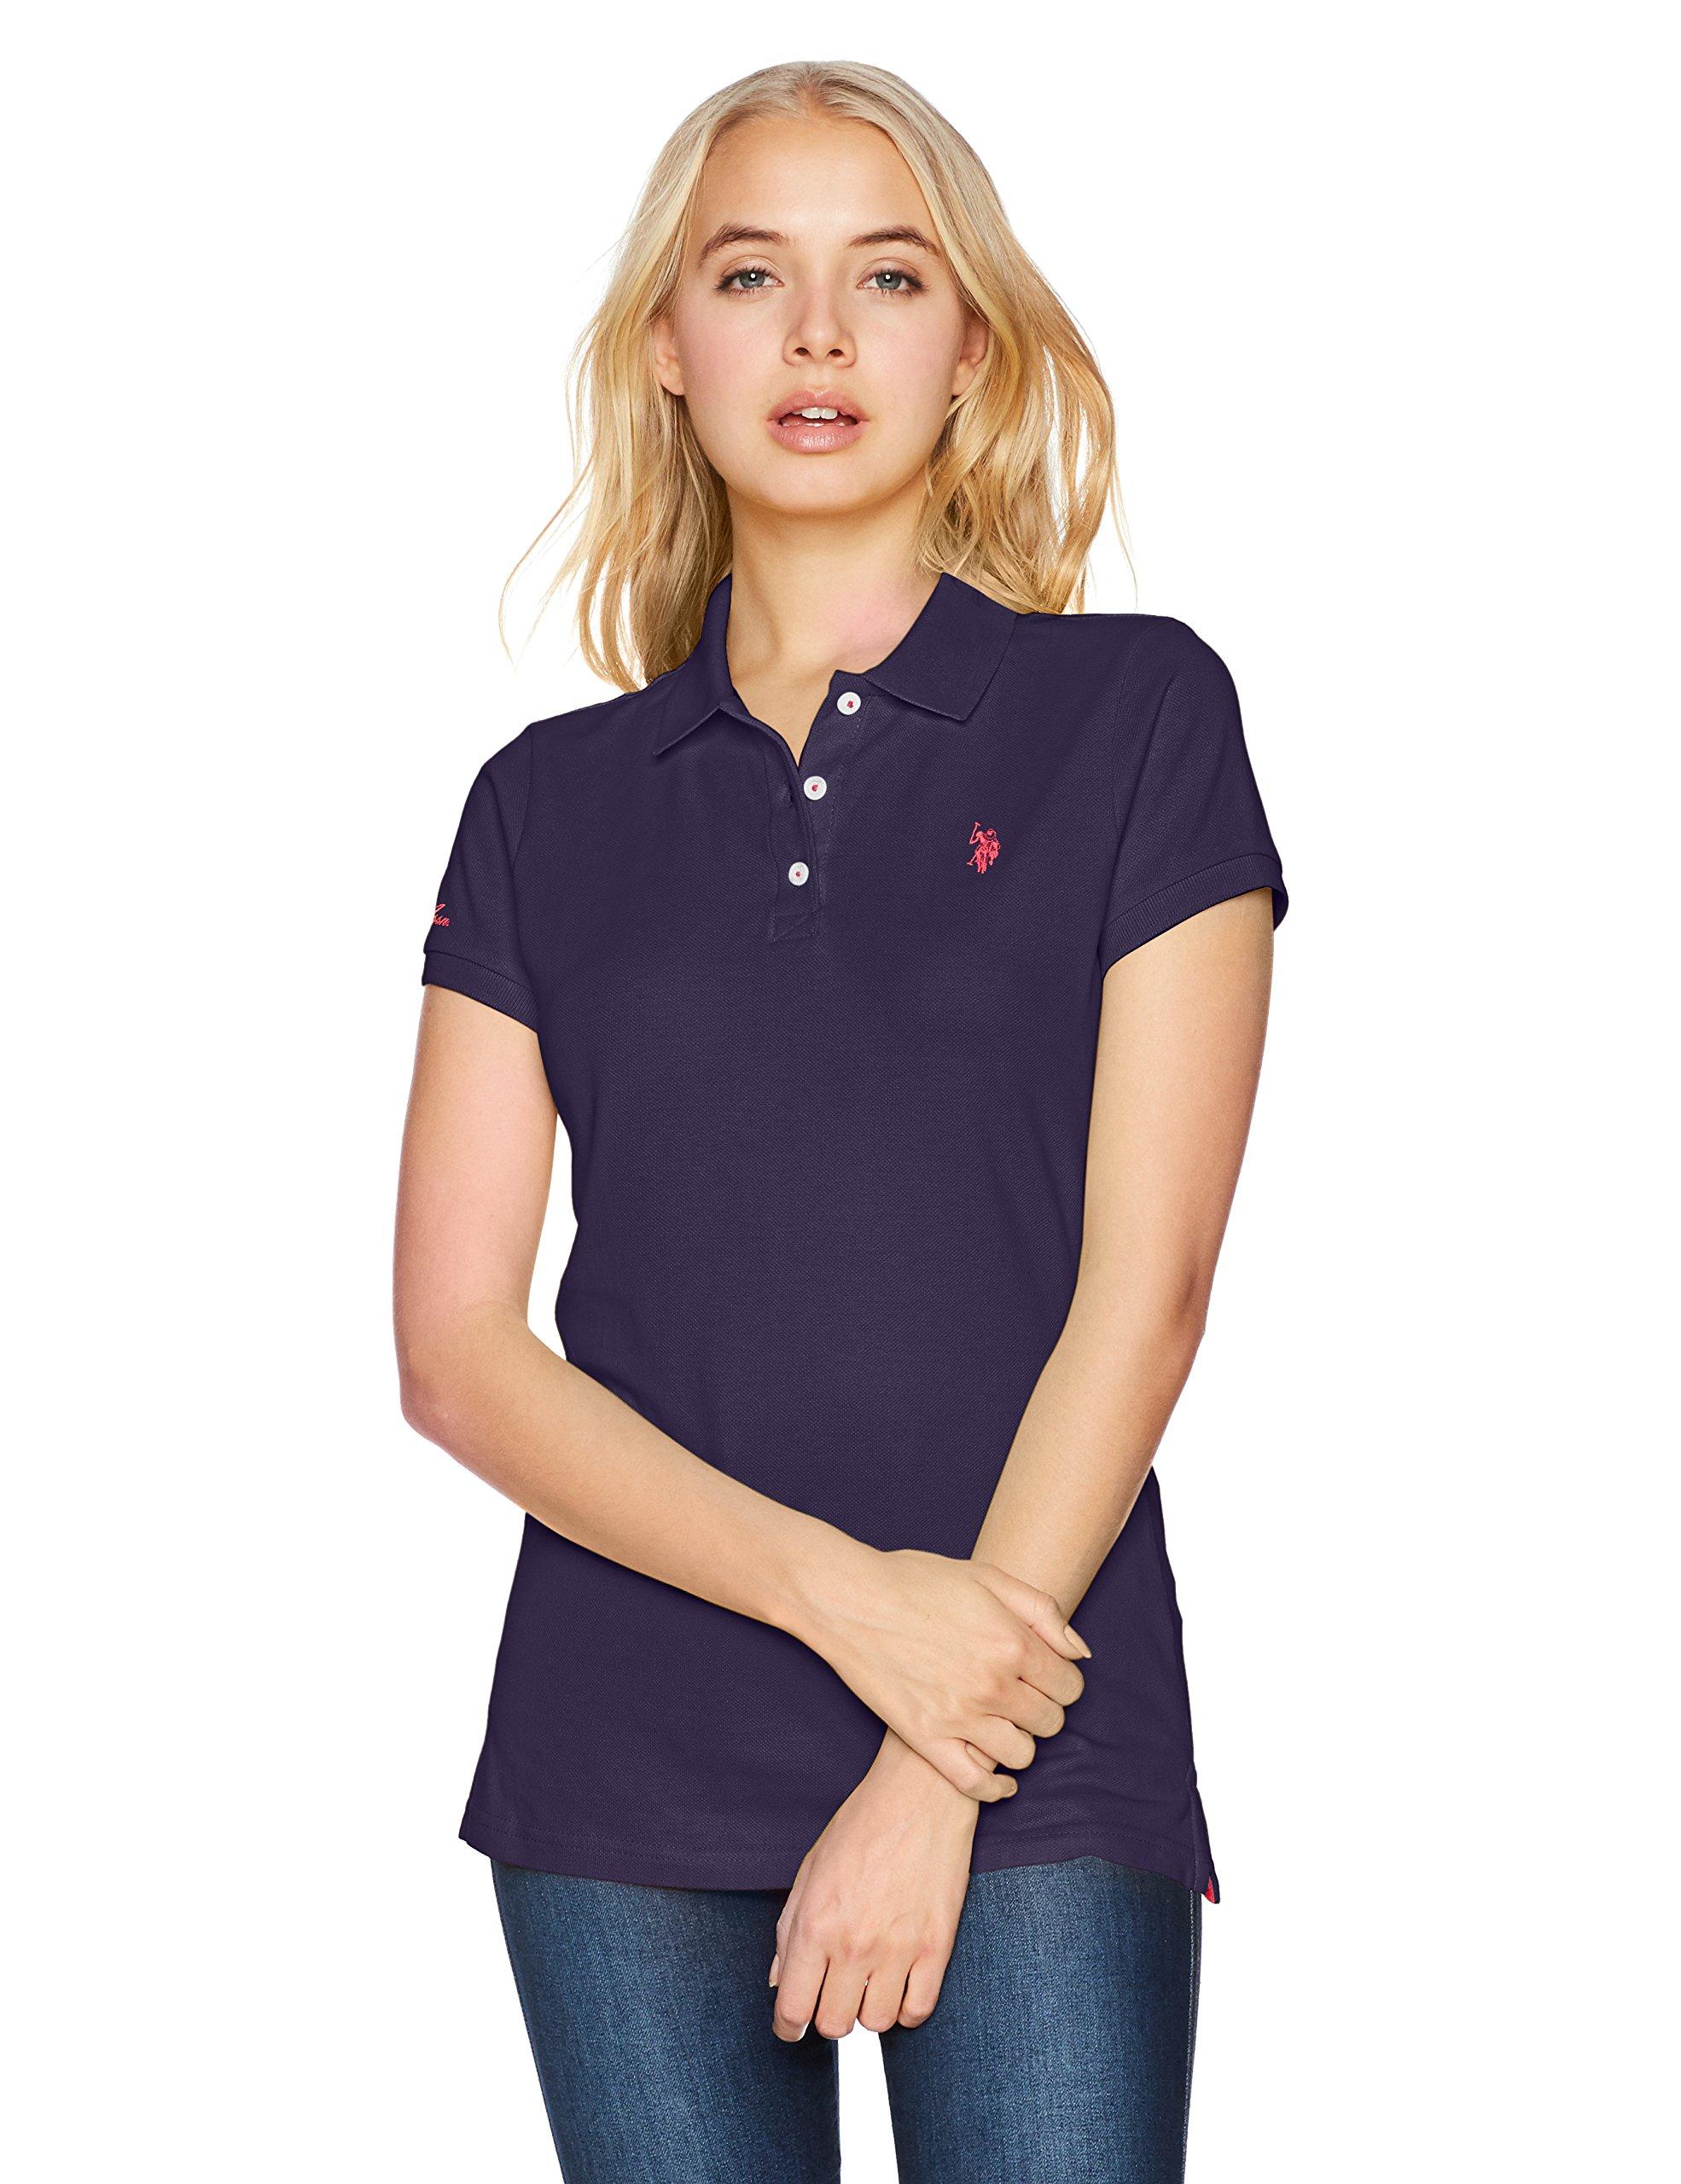 US Polo Assn Women's Solid Pique Polo Shirt, Pappagallo Teal, S